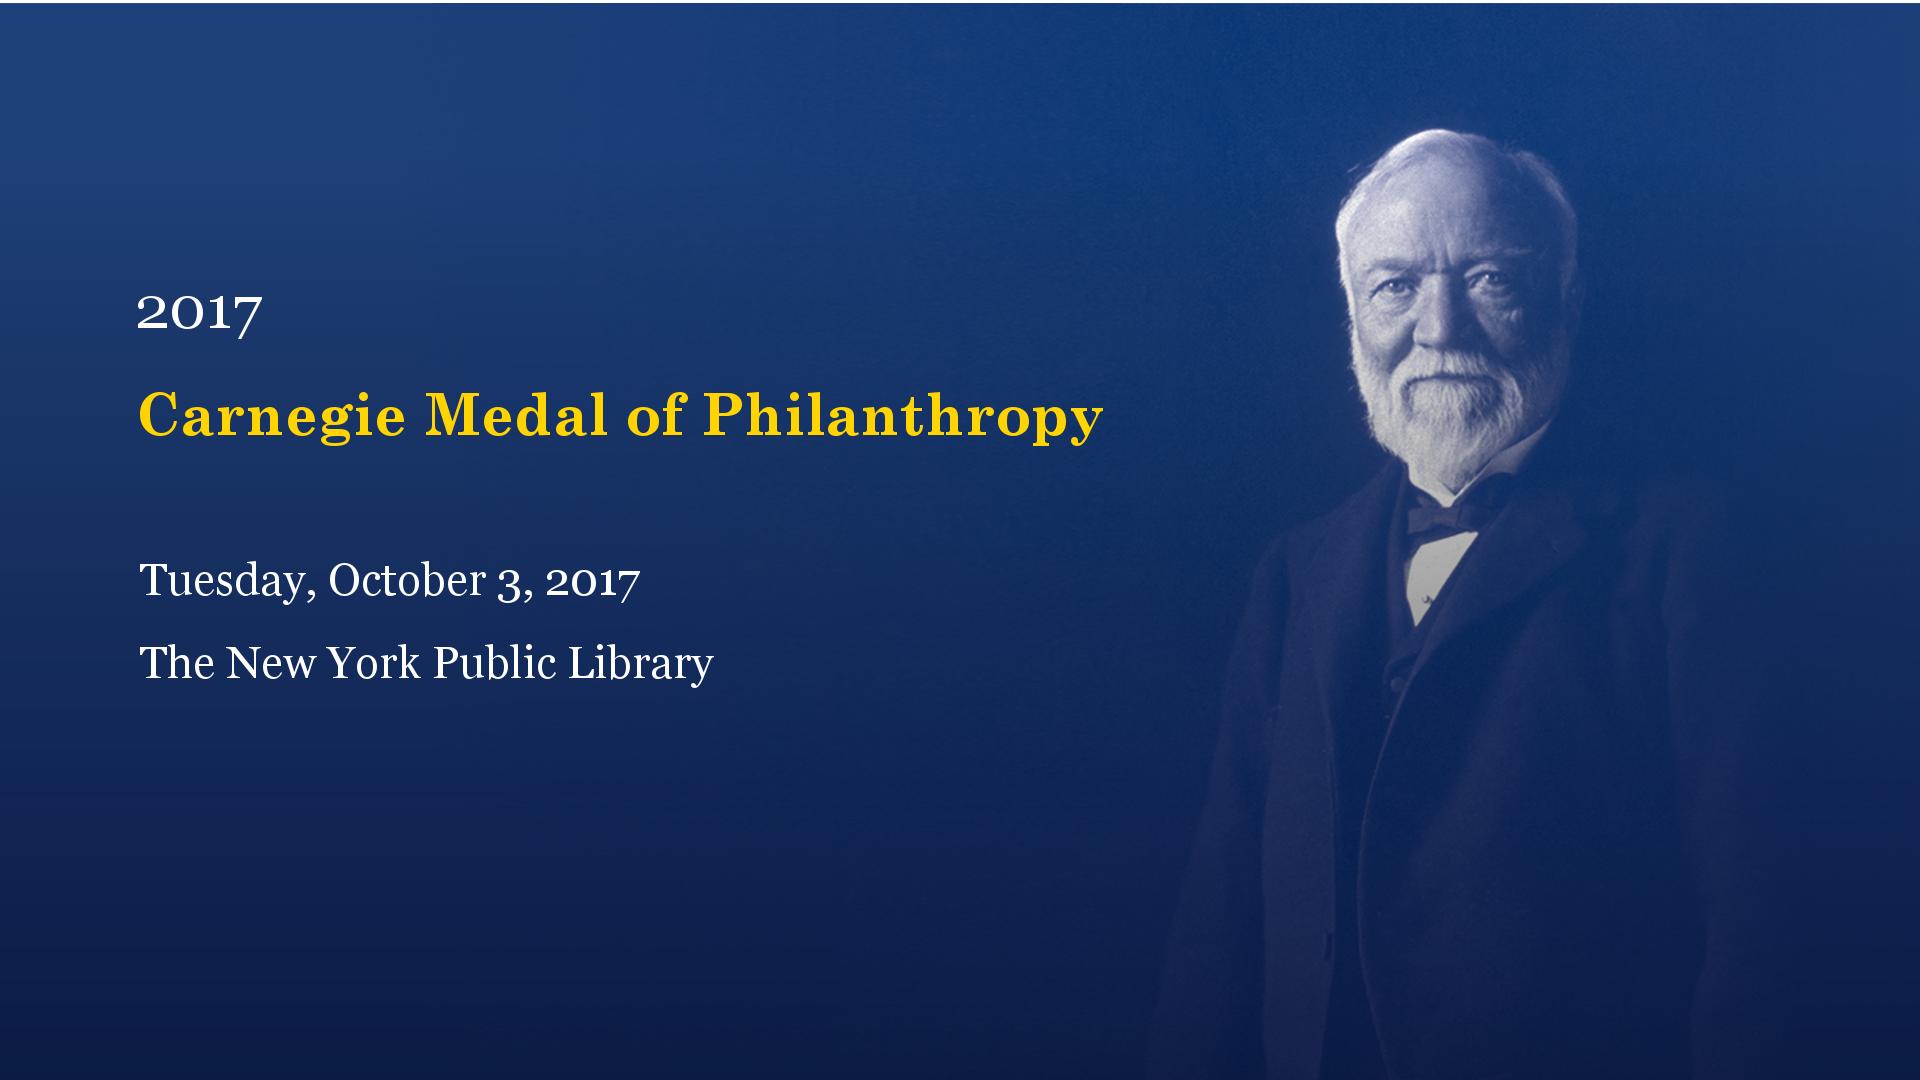 Carnegie Medal of Philanthropy Banner Holder